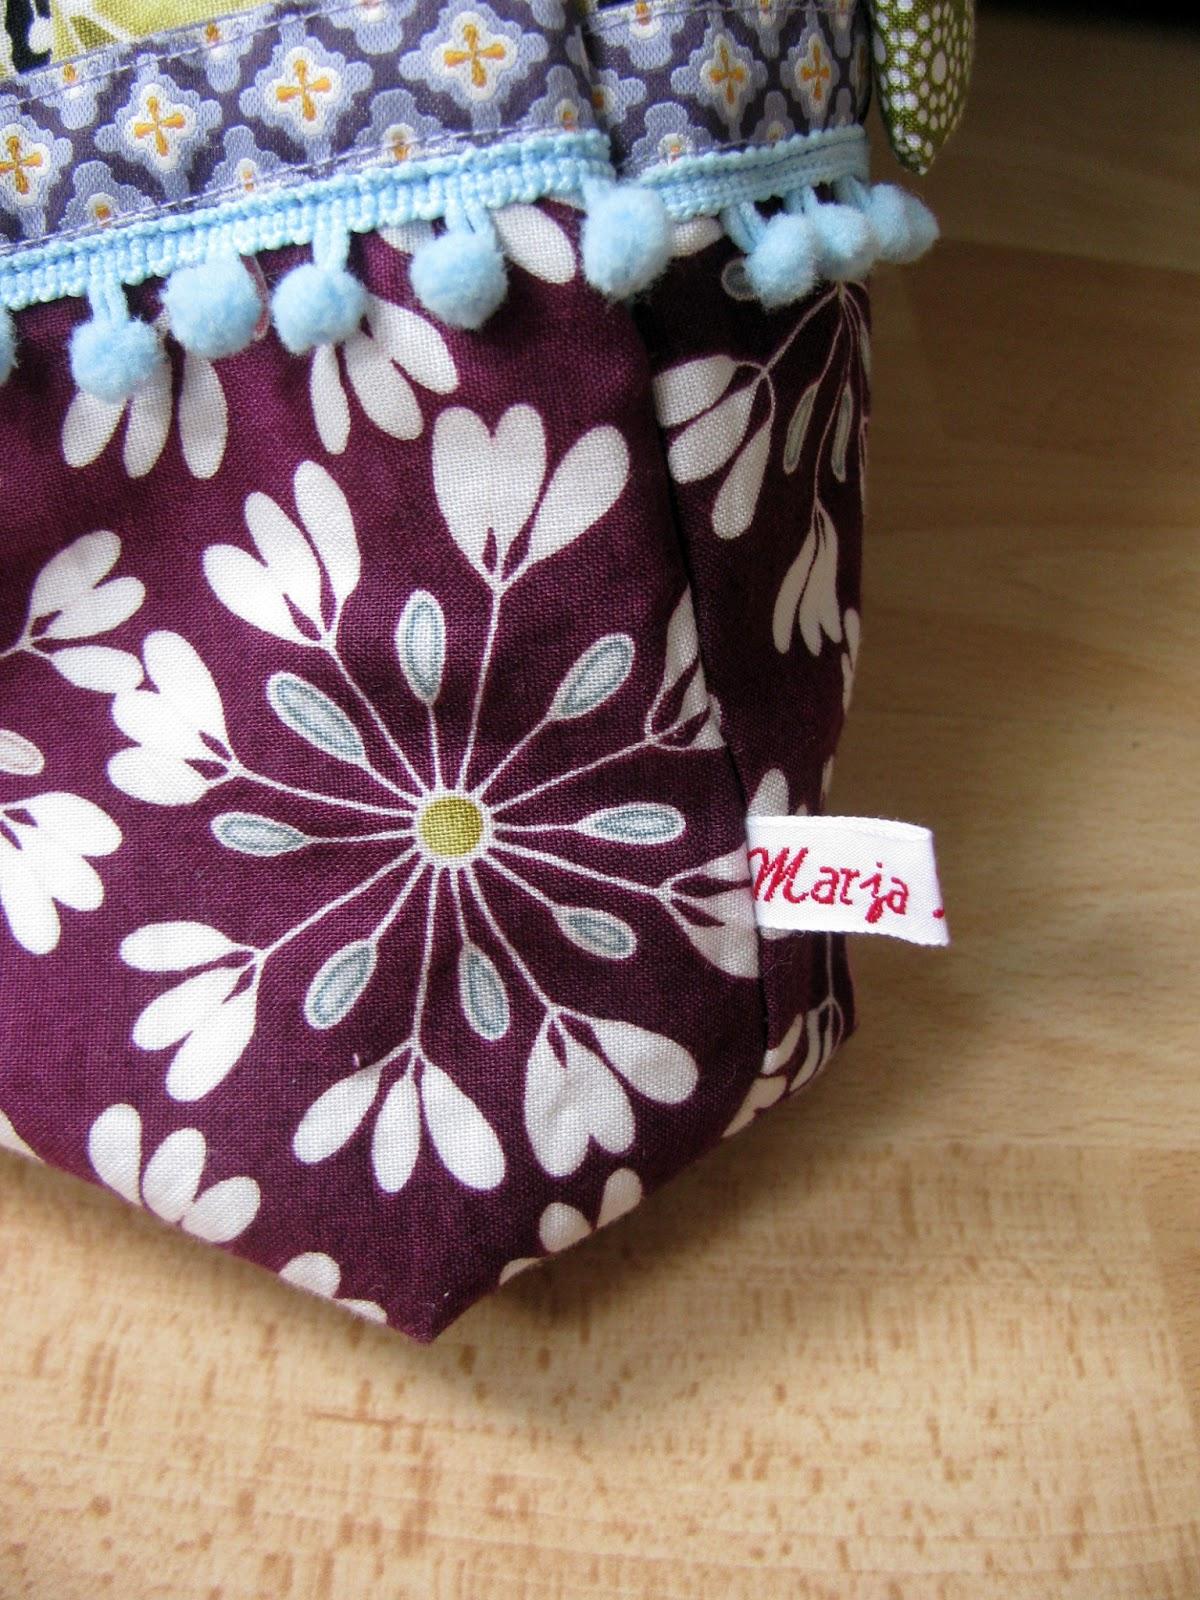 Webband und Bommelborte als Verzierung an Tasche